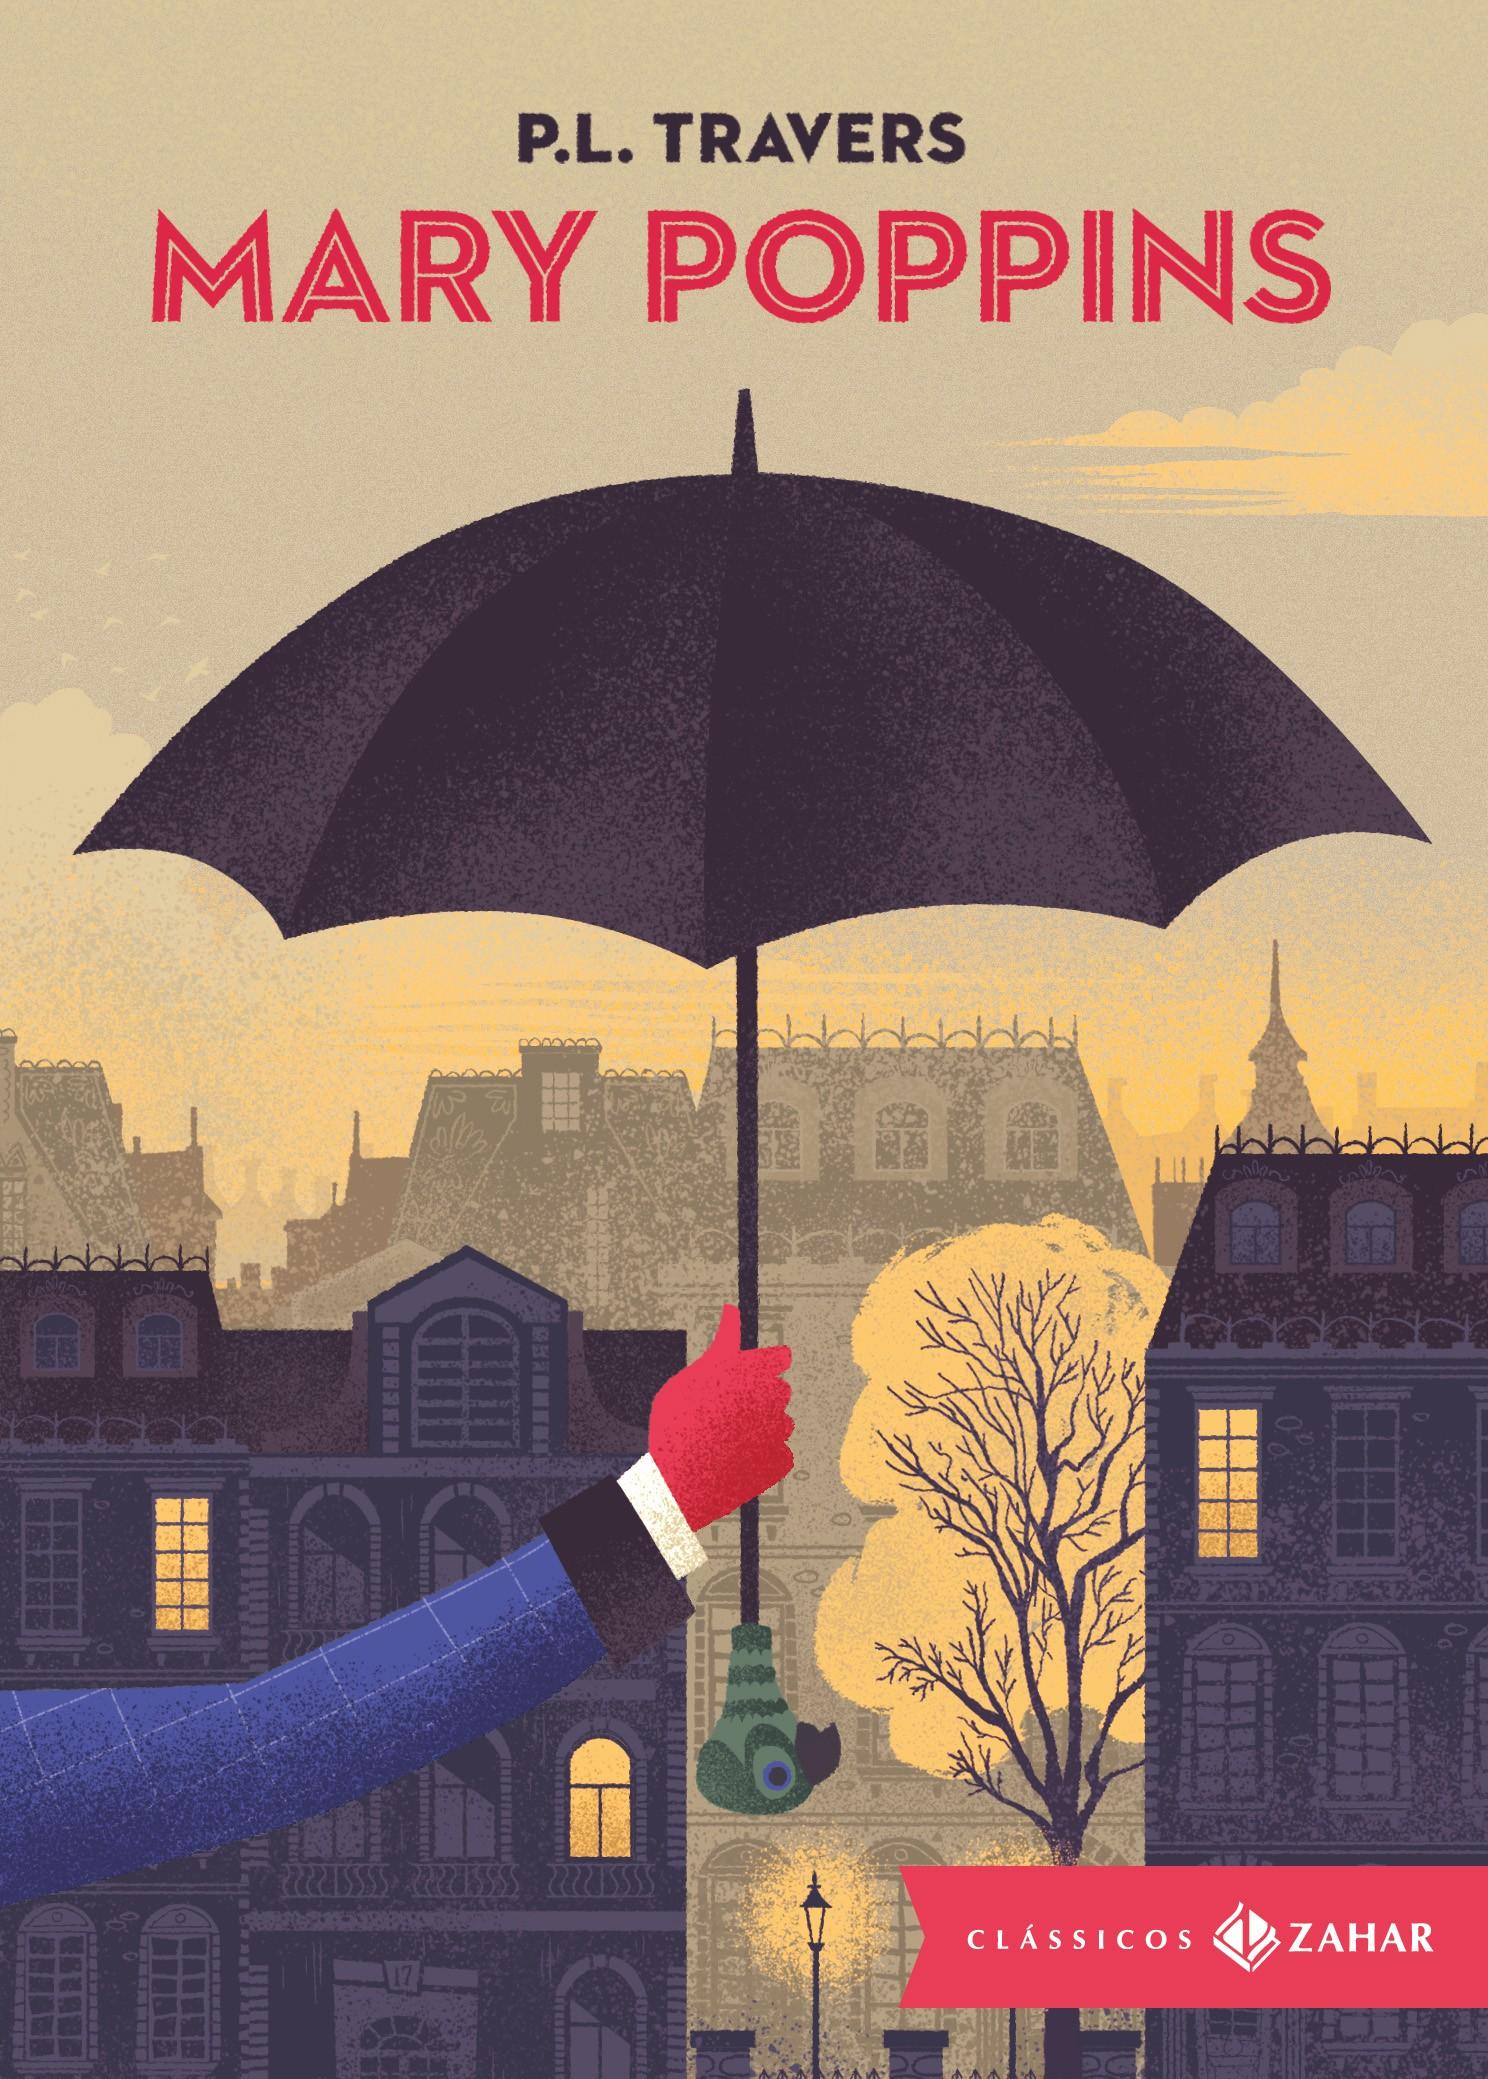 Edição de bolso de Mary Poppins é imperdível (Foto: Divulgação)